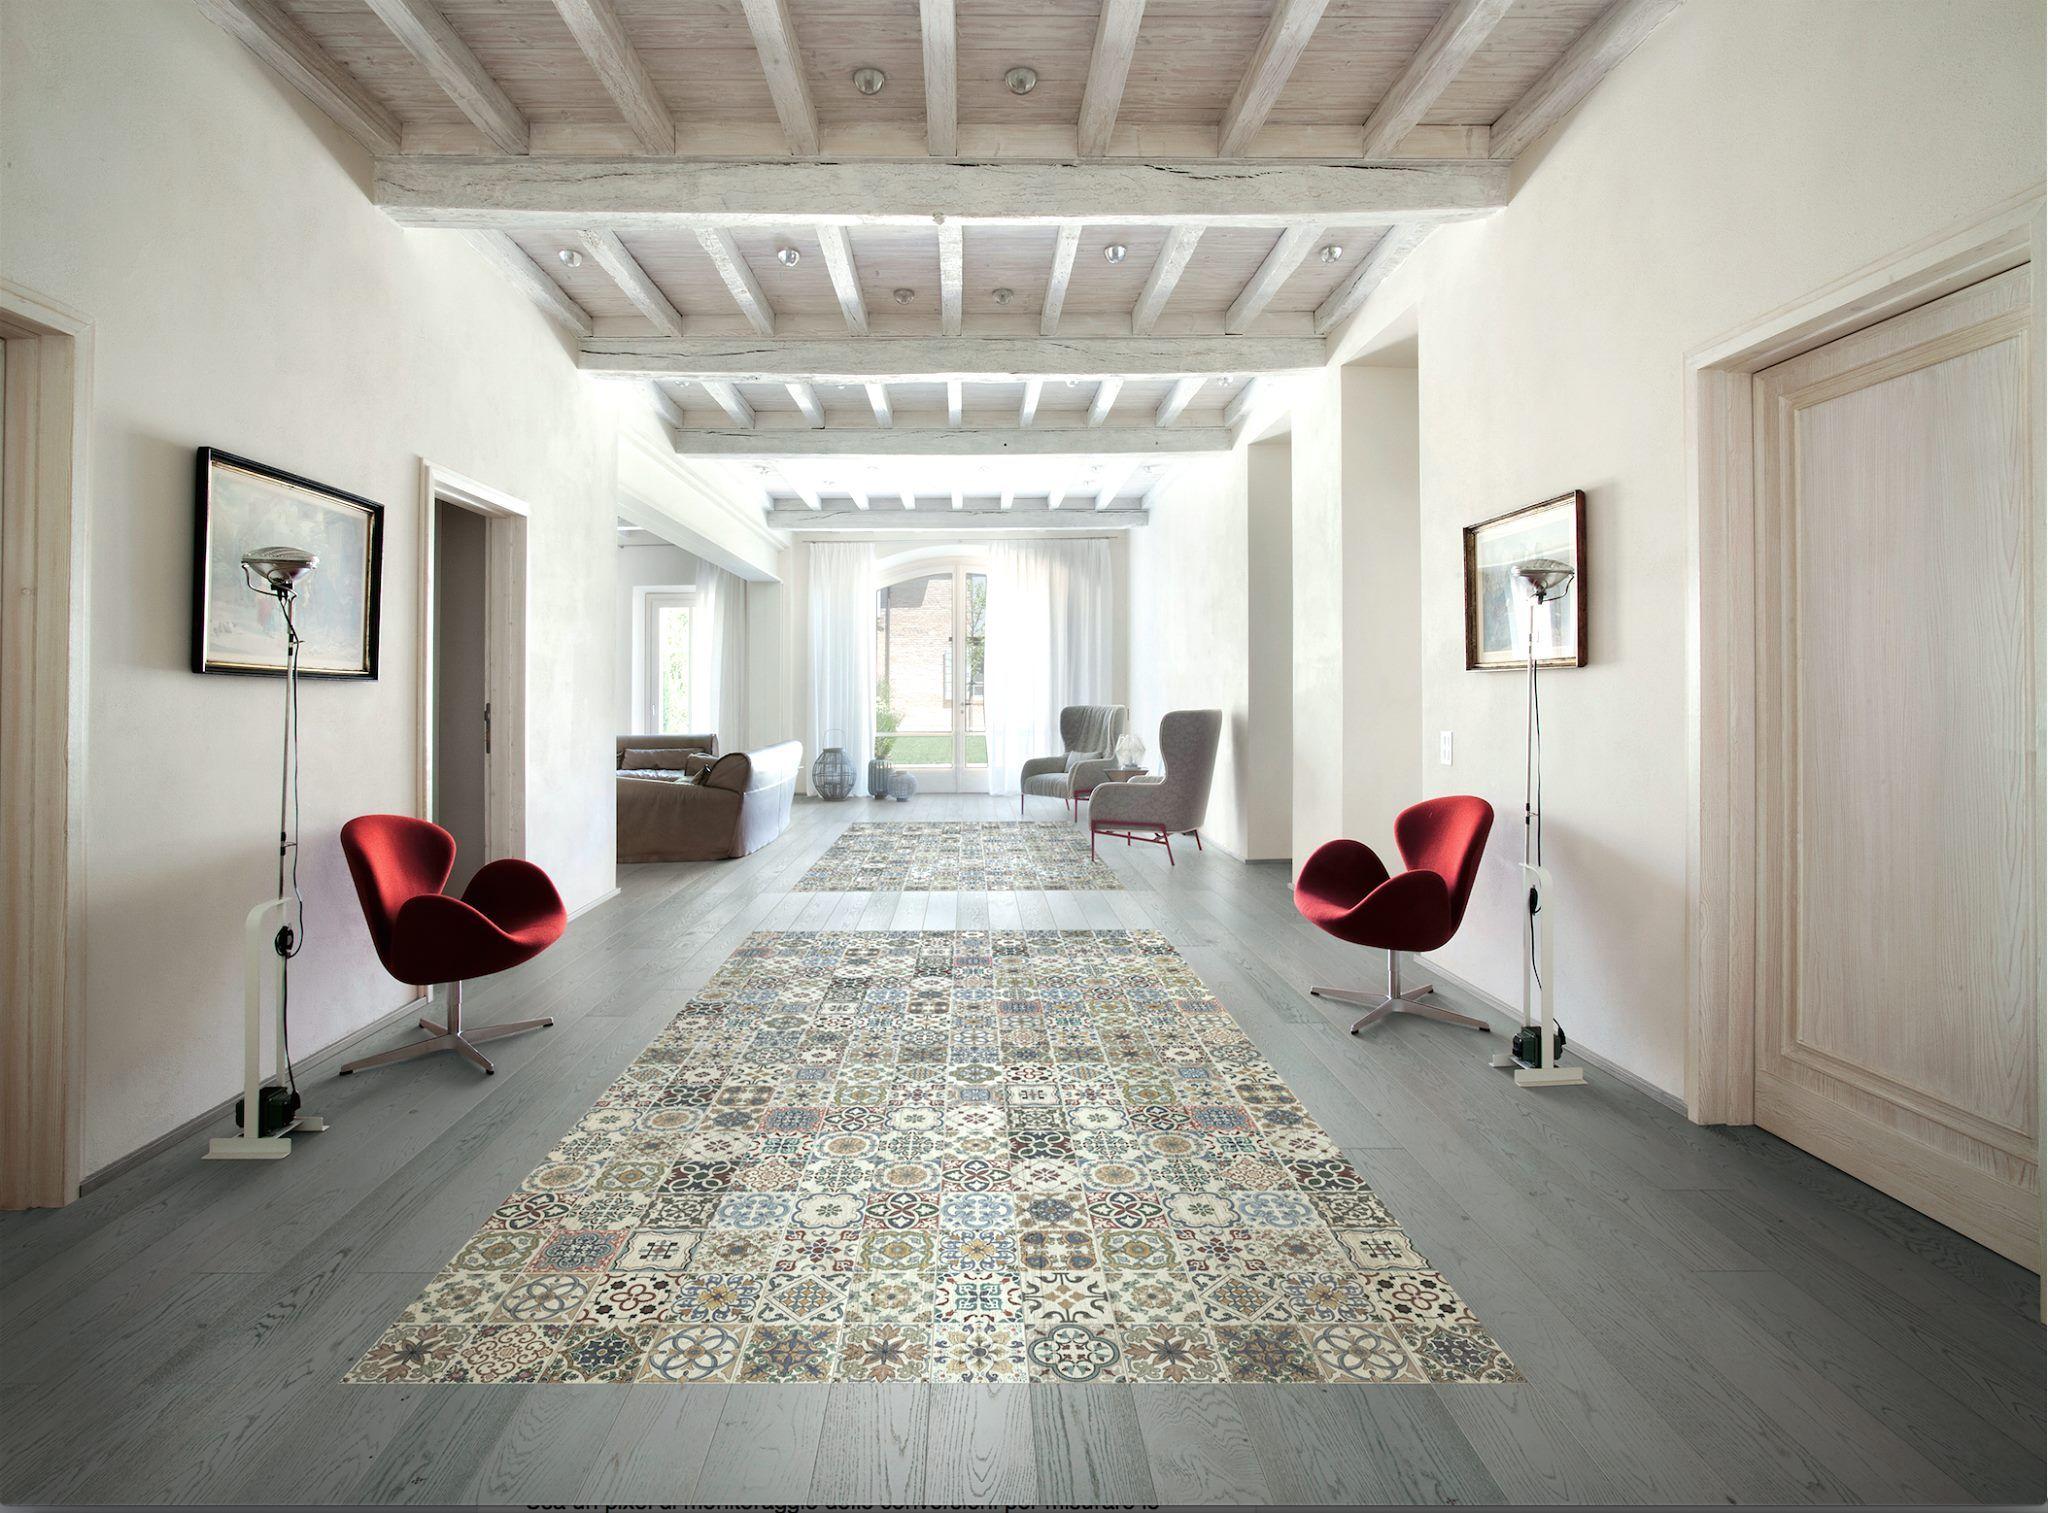 Il parquet diventa arredo kimono il pavimento decorato naturale senza presenza di sostanze - Piastrelle simili al parquet ...